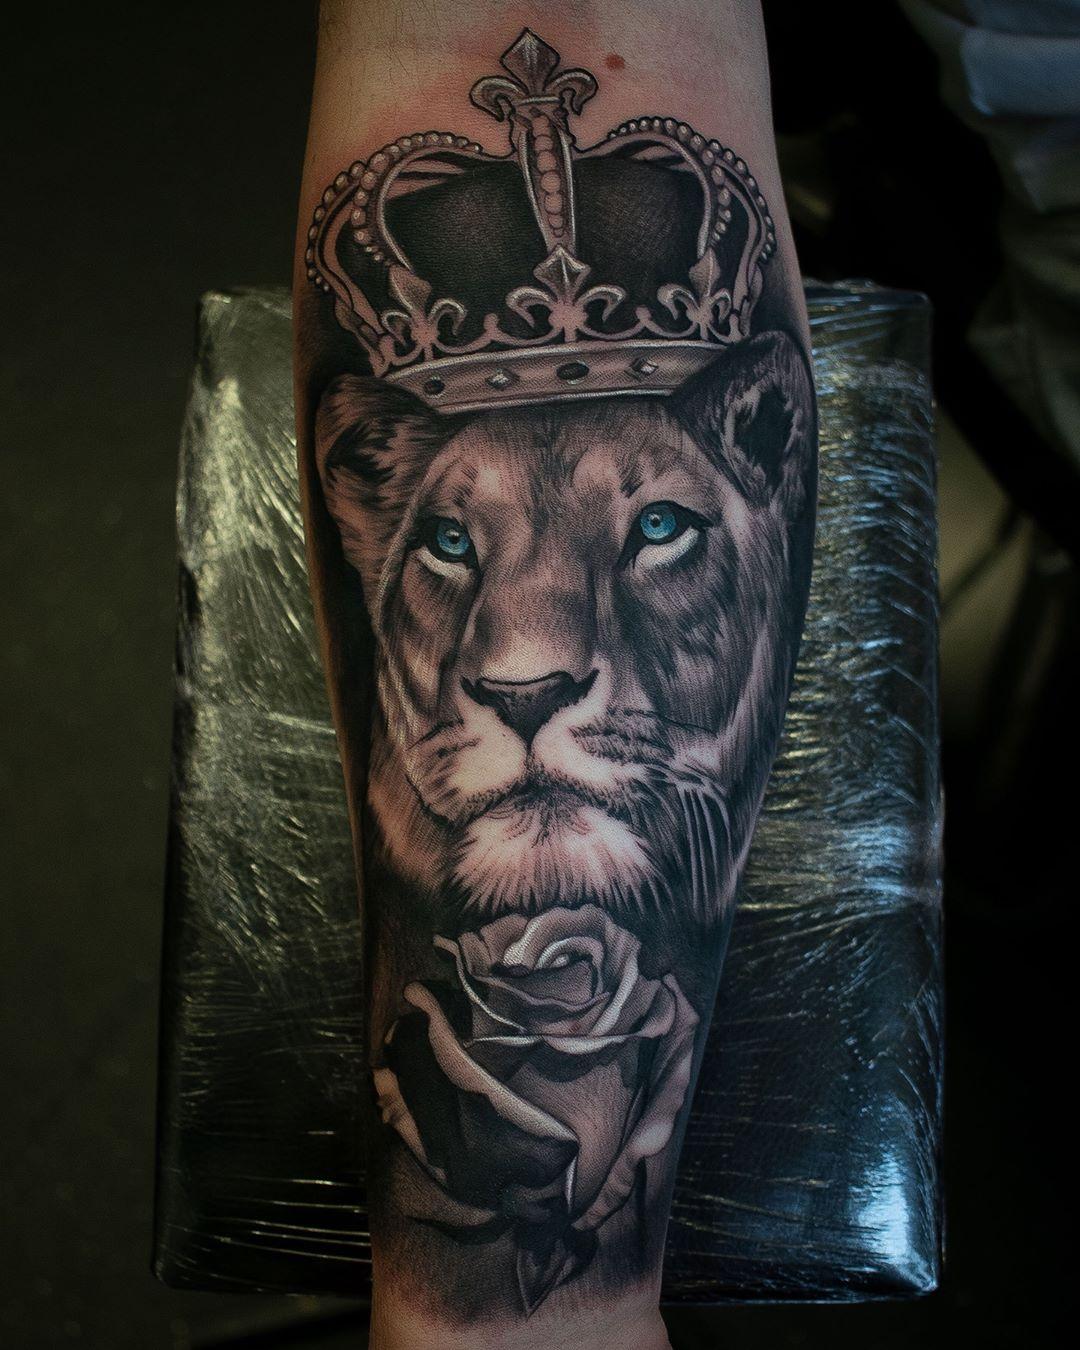 татуювання лева з короною і трояндою на руці